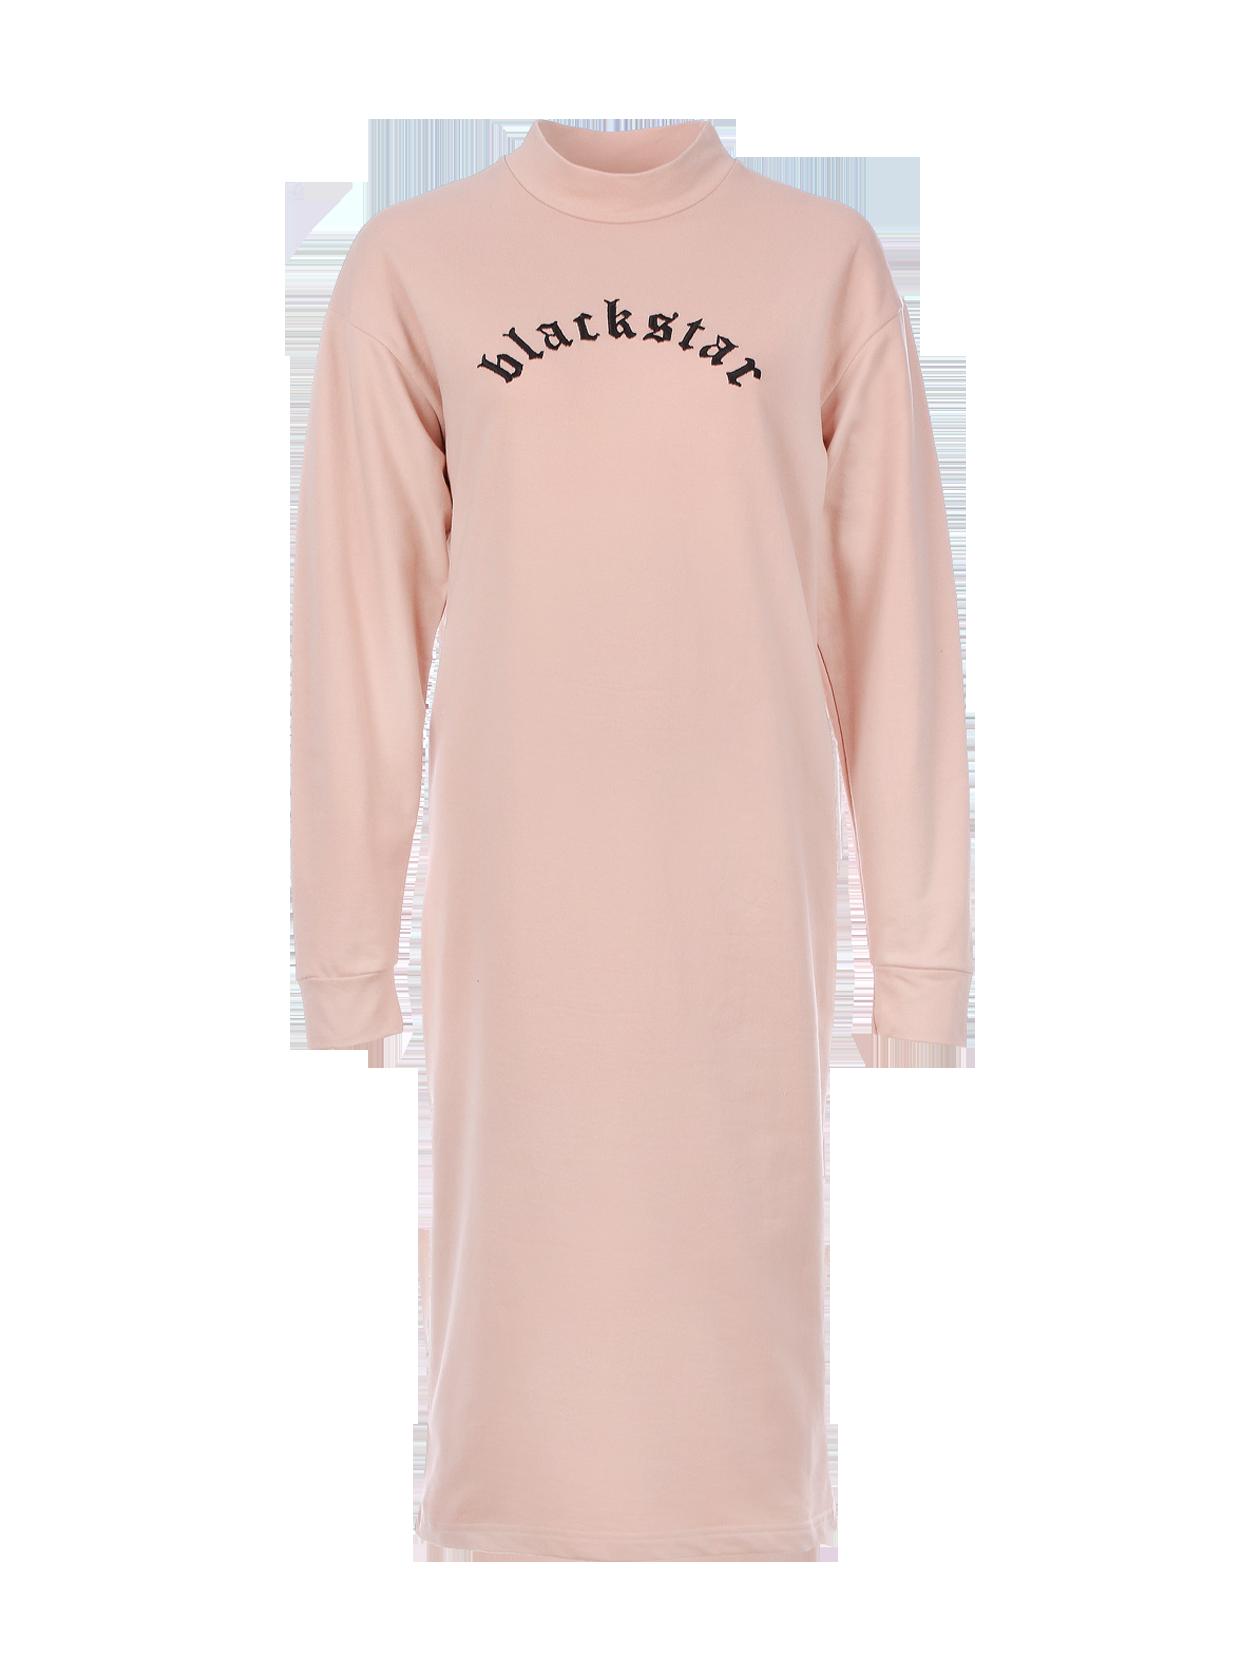 Платье женское PLAINЖенское платье из коллекции Black Star Wear. Модель длиной ниже колена с декоративным швом вдоль спинки. Сзади снизу небольшой разрез. Высокая горловина, рукава с манжетами. На груди контрастная вышивка blackstar. Изделие из 100% натурального хлопка, доступно в бежевом цвете.<br><br>Размер: M<br>Цвет: Бежевый<br>Пол: Женский